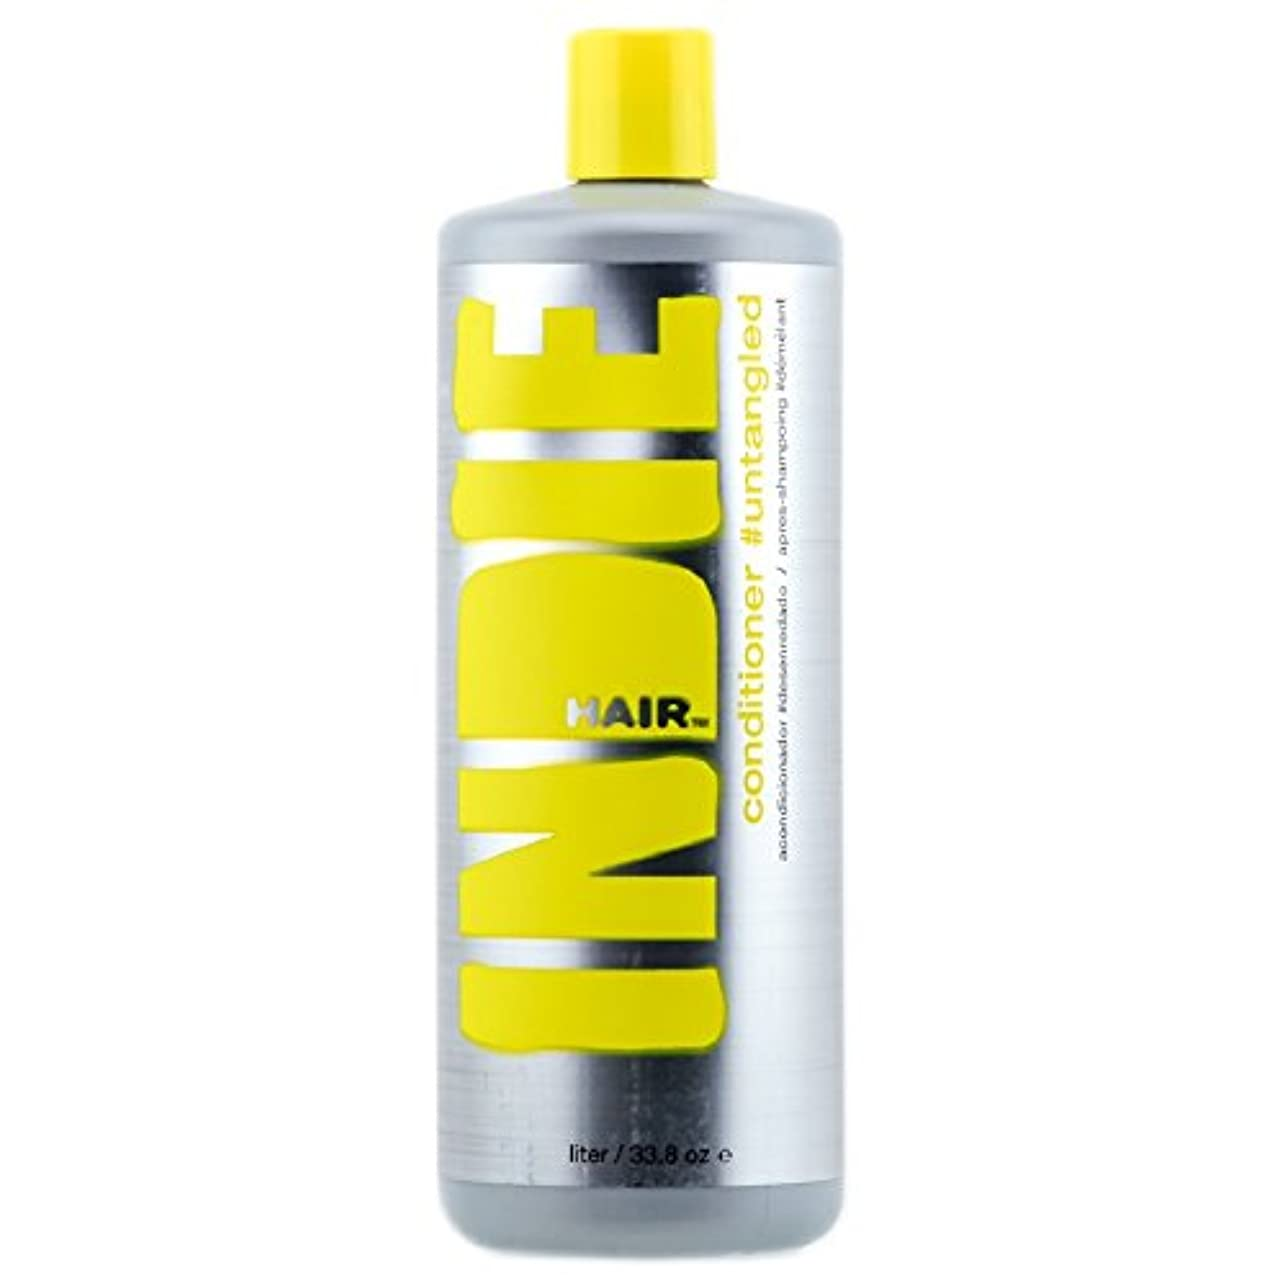 キャンペーン値下げ競合他社選手Indie Hair 2344 Conditioner Untangled, 33.8 Fluid Ounce by Indie Hair